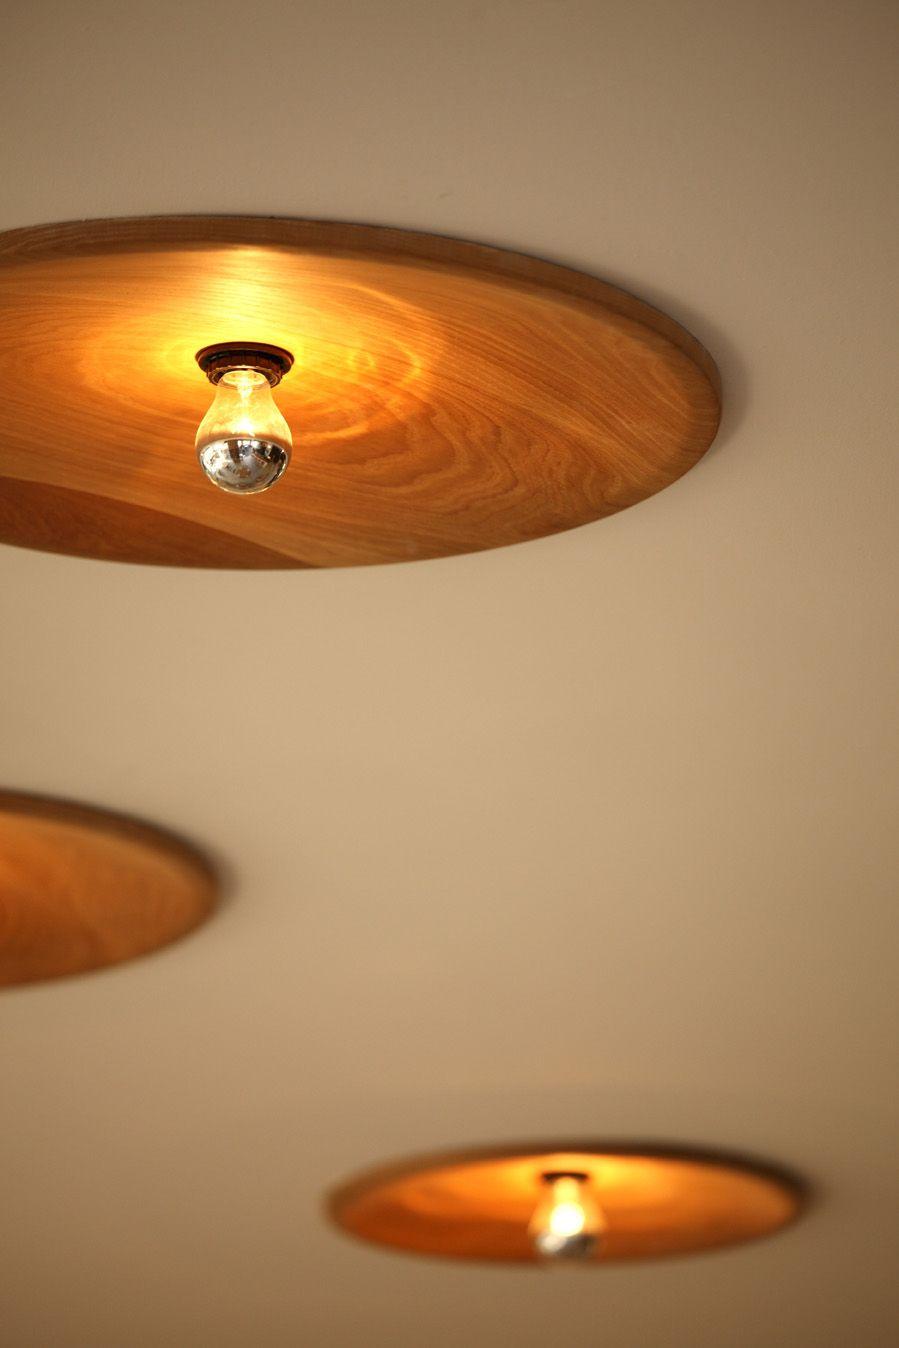 Ceiling Fixtures Designed Built By Outofstock Design For Bella Pasta In Singapore Lamps Luminaire Plafonnier Plafonnier Cuivre Et Luminaire Bois